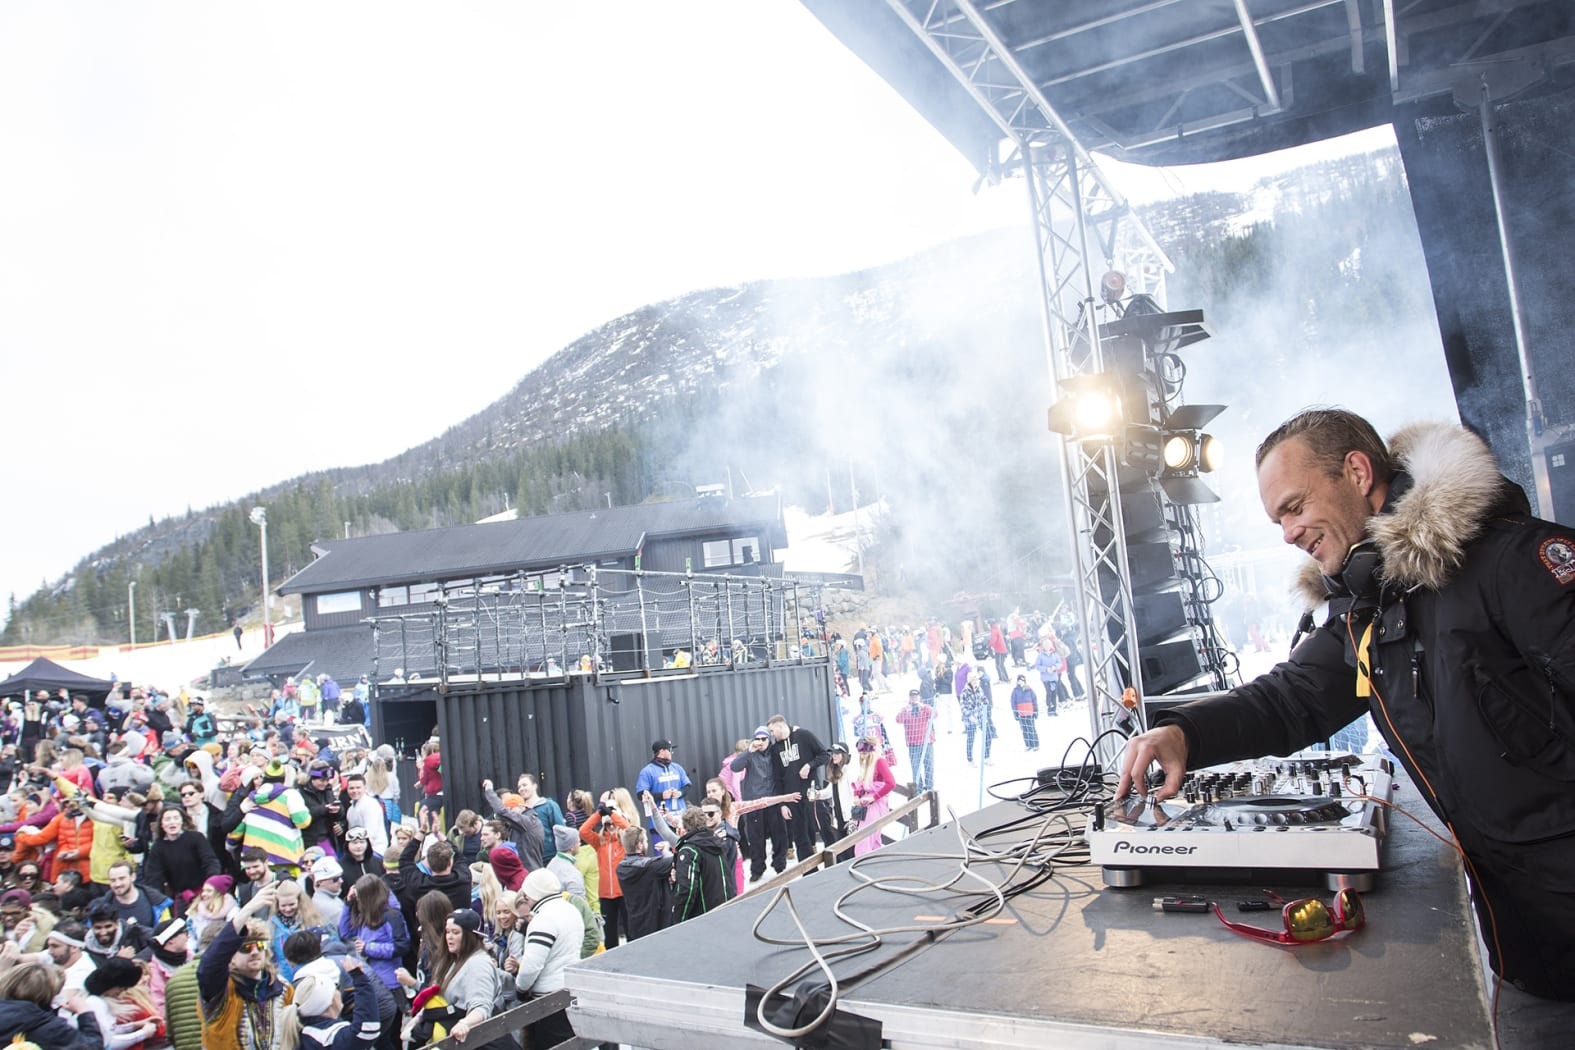 DJ's og eventer i og ved Hemsedal Skisenter. Foto Kalle Hägglund, SkiStar.